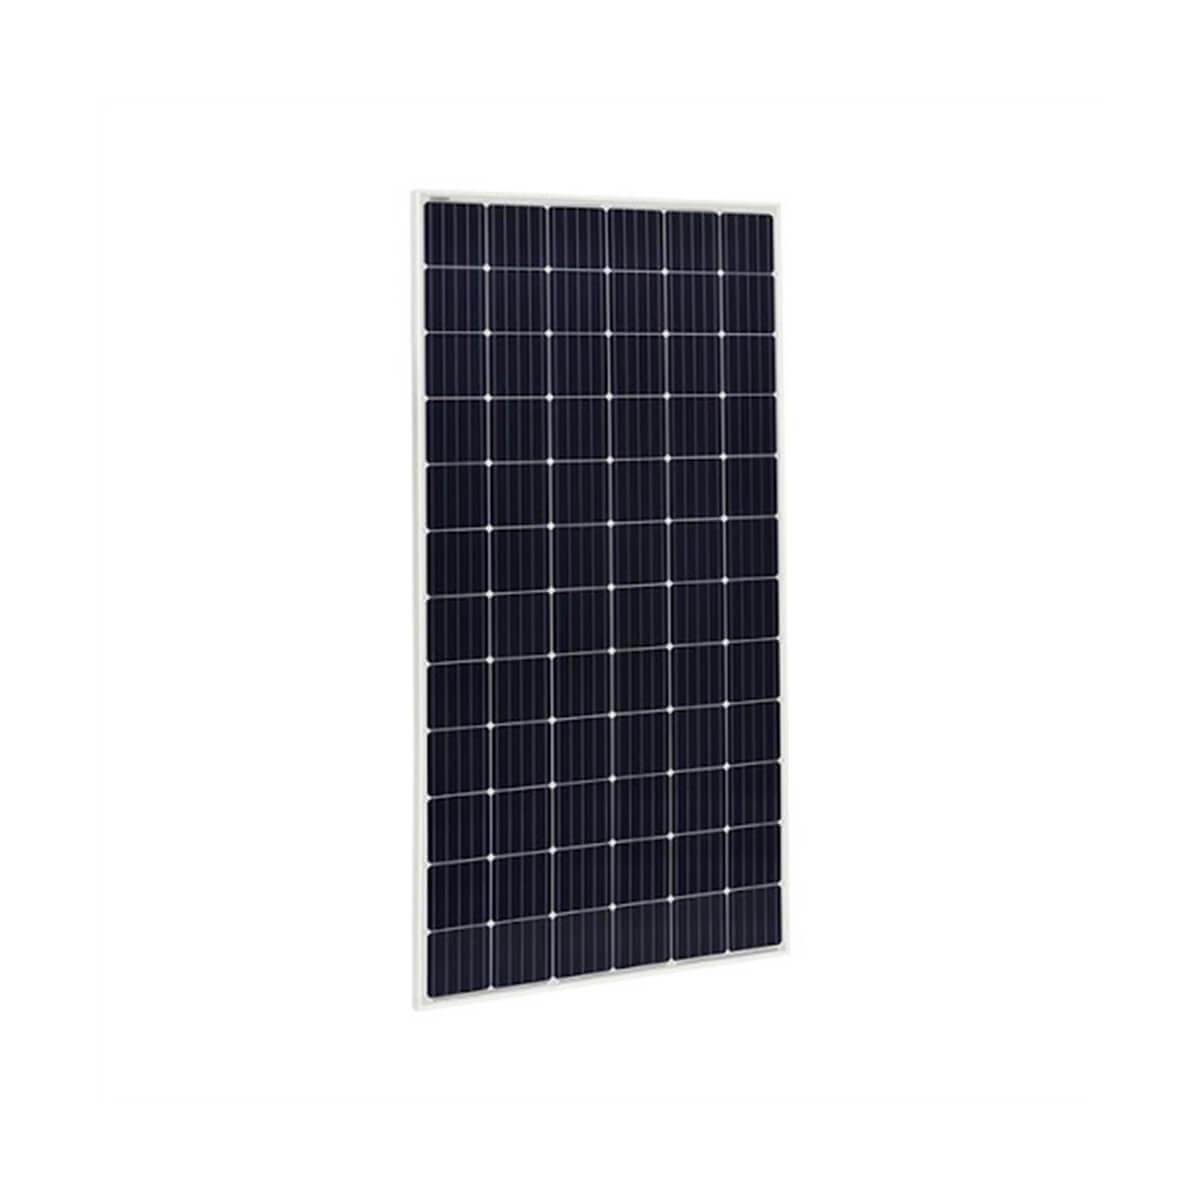 ht solar 390W panel, ht solar 390Watt panel, ht solar 390 W panel, ht solar 390 Watt panel, ht solar 390 Watt monokristal panel, ht solar 390 W watt gunes paneli, ht solar 390 W watt monokristal gunes paneli, ht solar 390 W Watt fotovoltaik monokristal solar panel, ht solar 390W monokristal gunes enerjisi, ht solar HT72-156M-390W panel, HT SOLAR 390 WATT